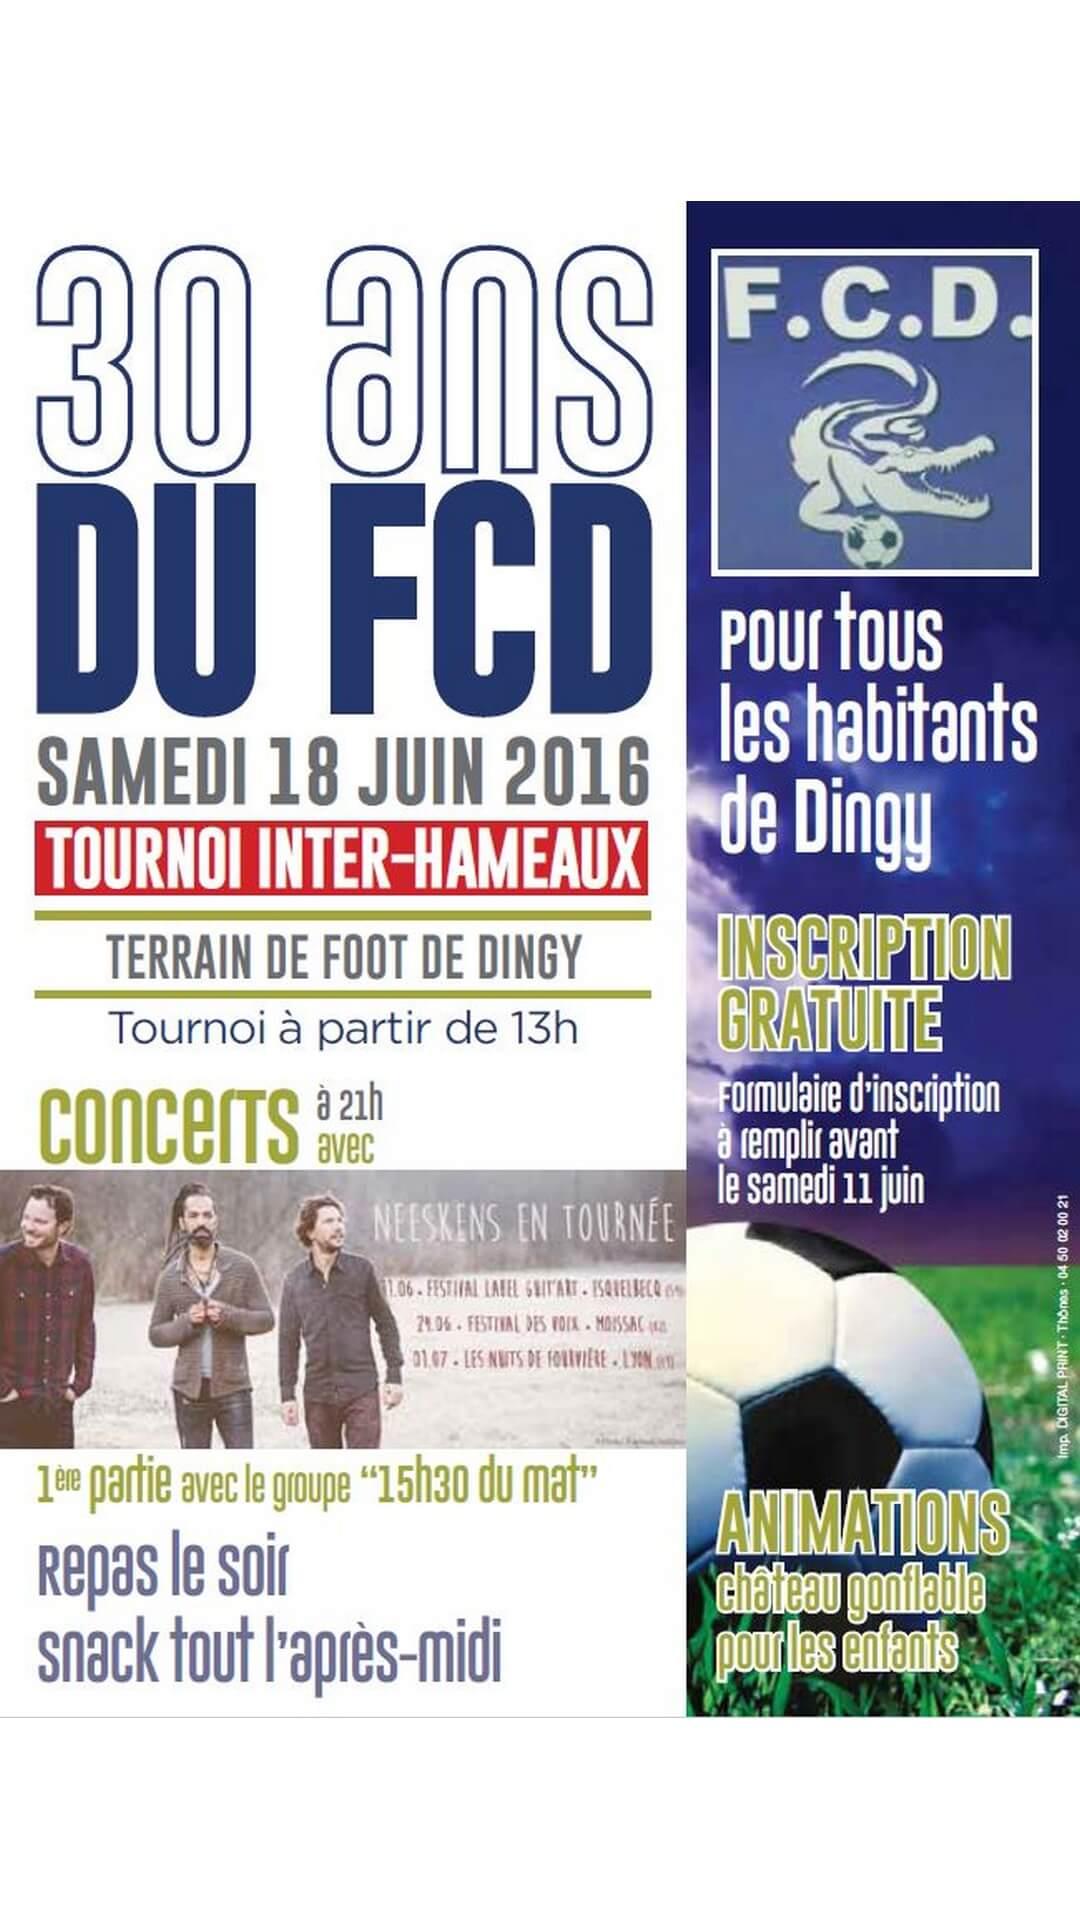 30 ans FCD